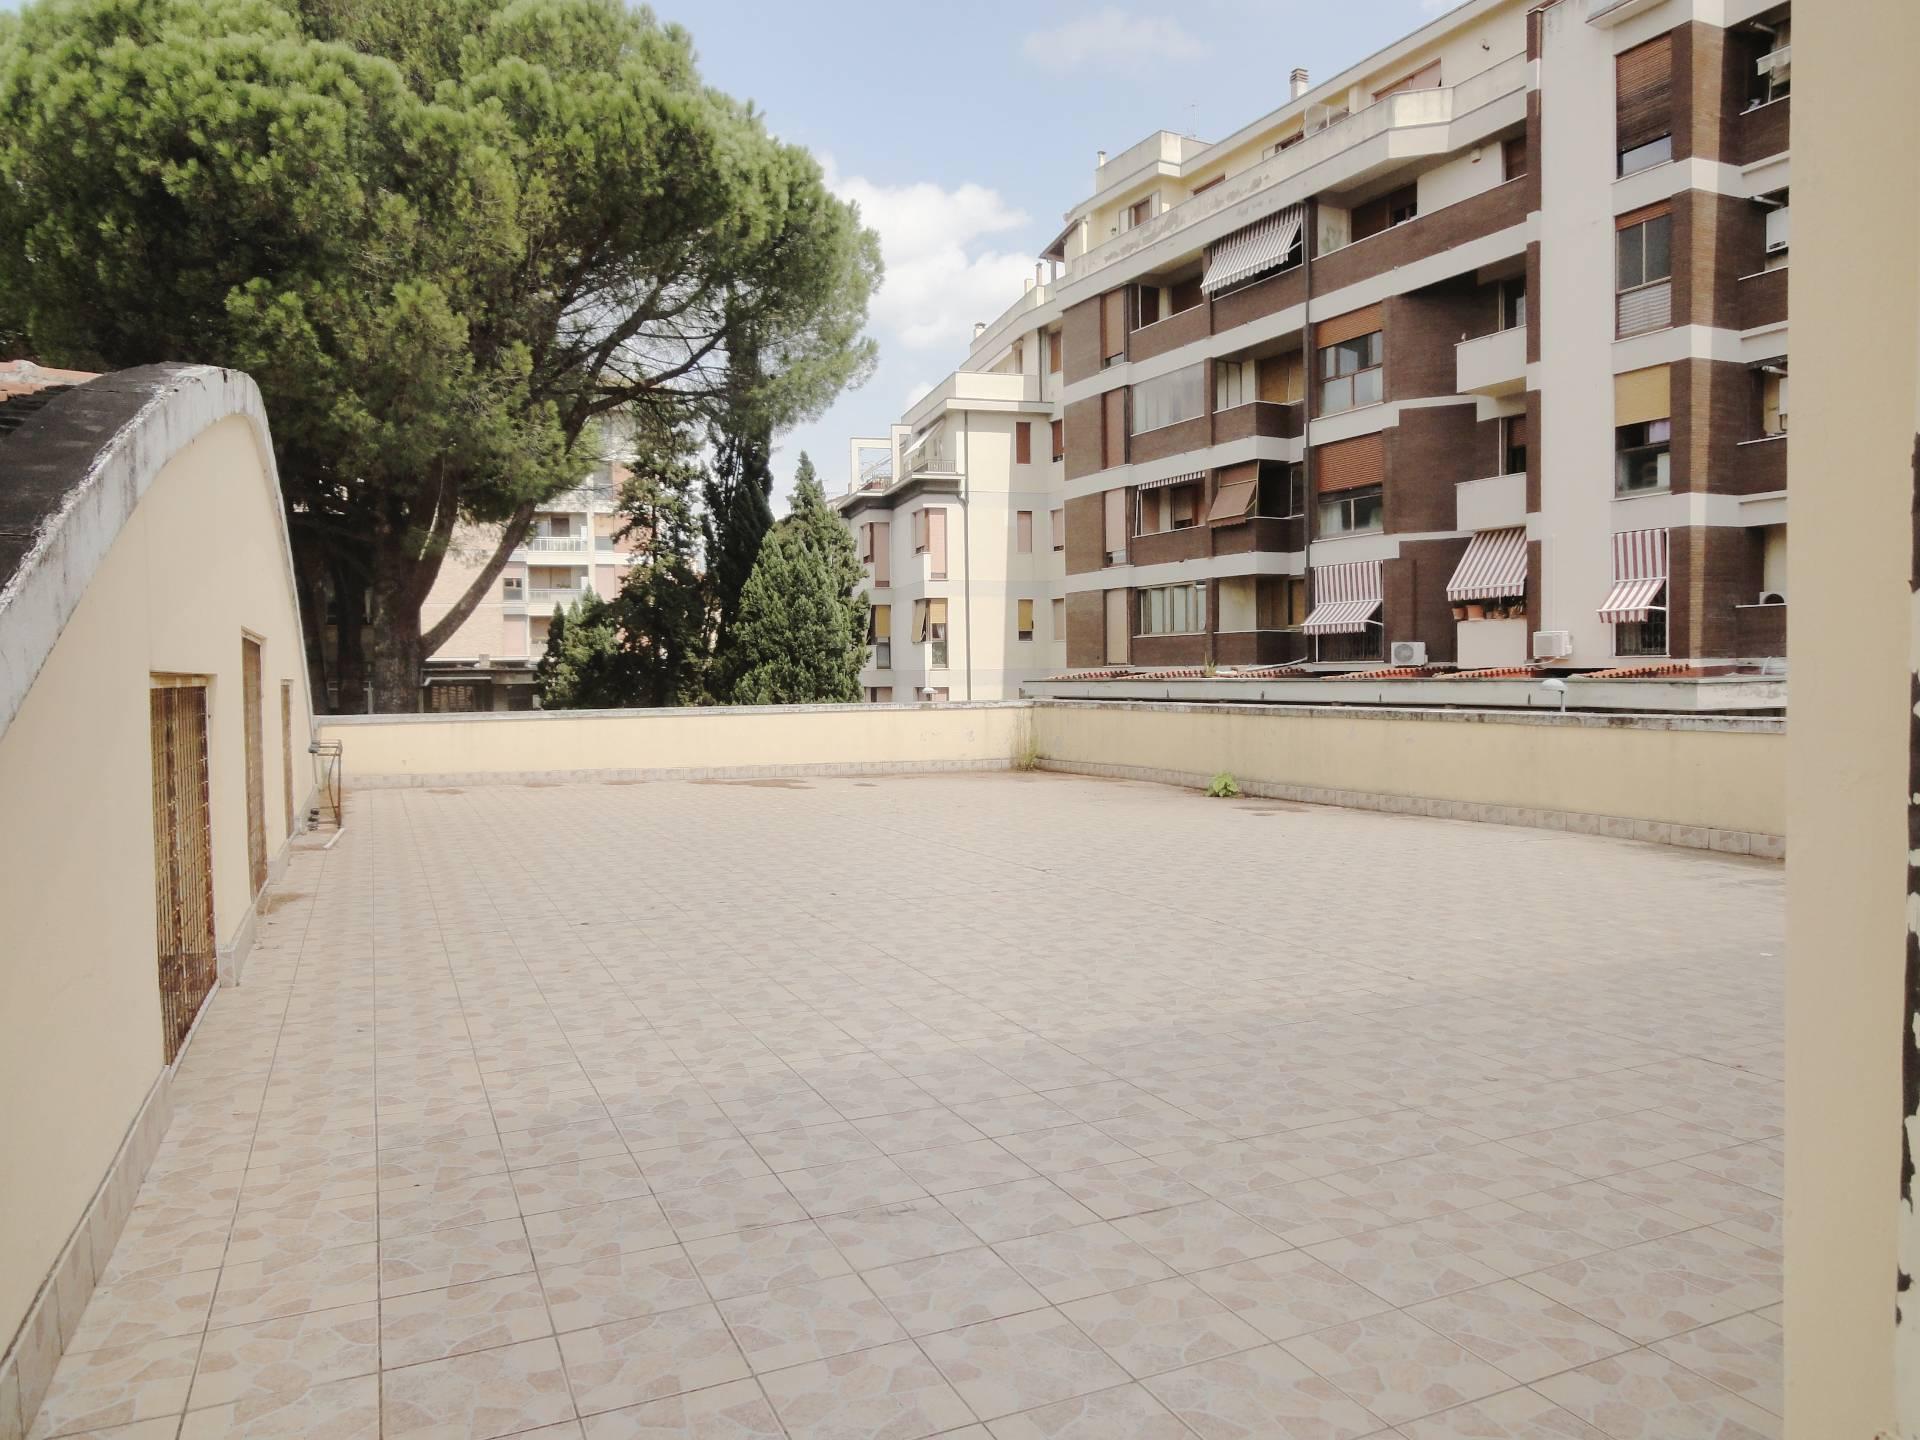 Ufficio / Studio in vendita a Pontedera, 9999 locali, zona Località: Centro, prezzo € 170.000   CambioCasa.it